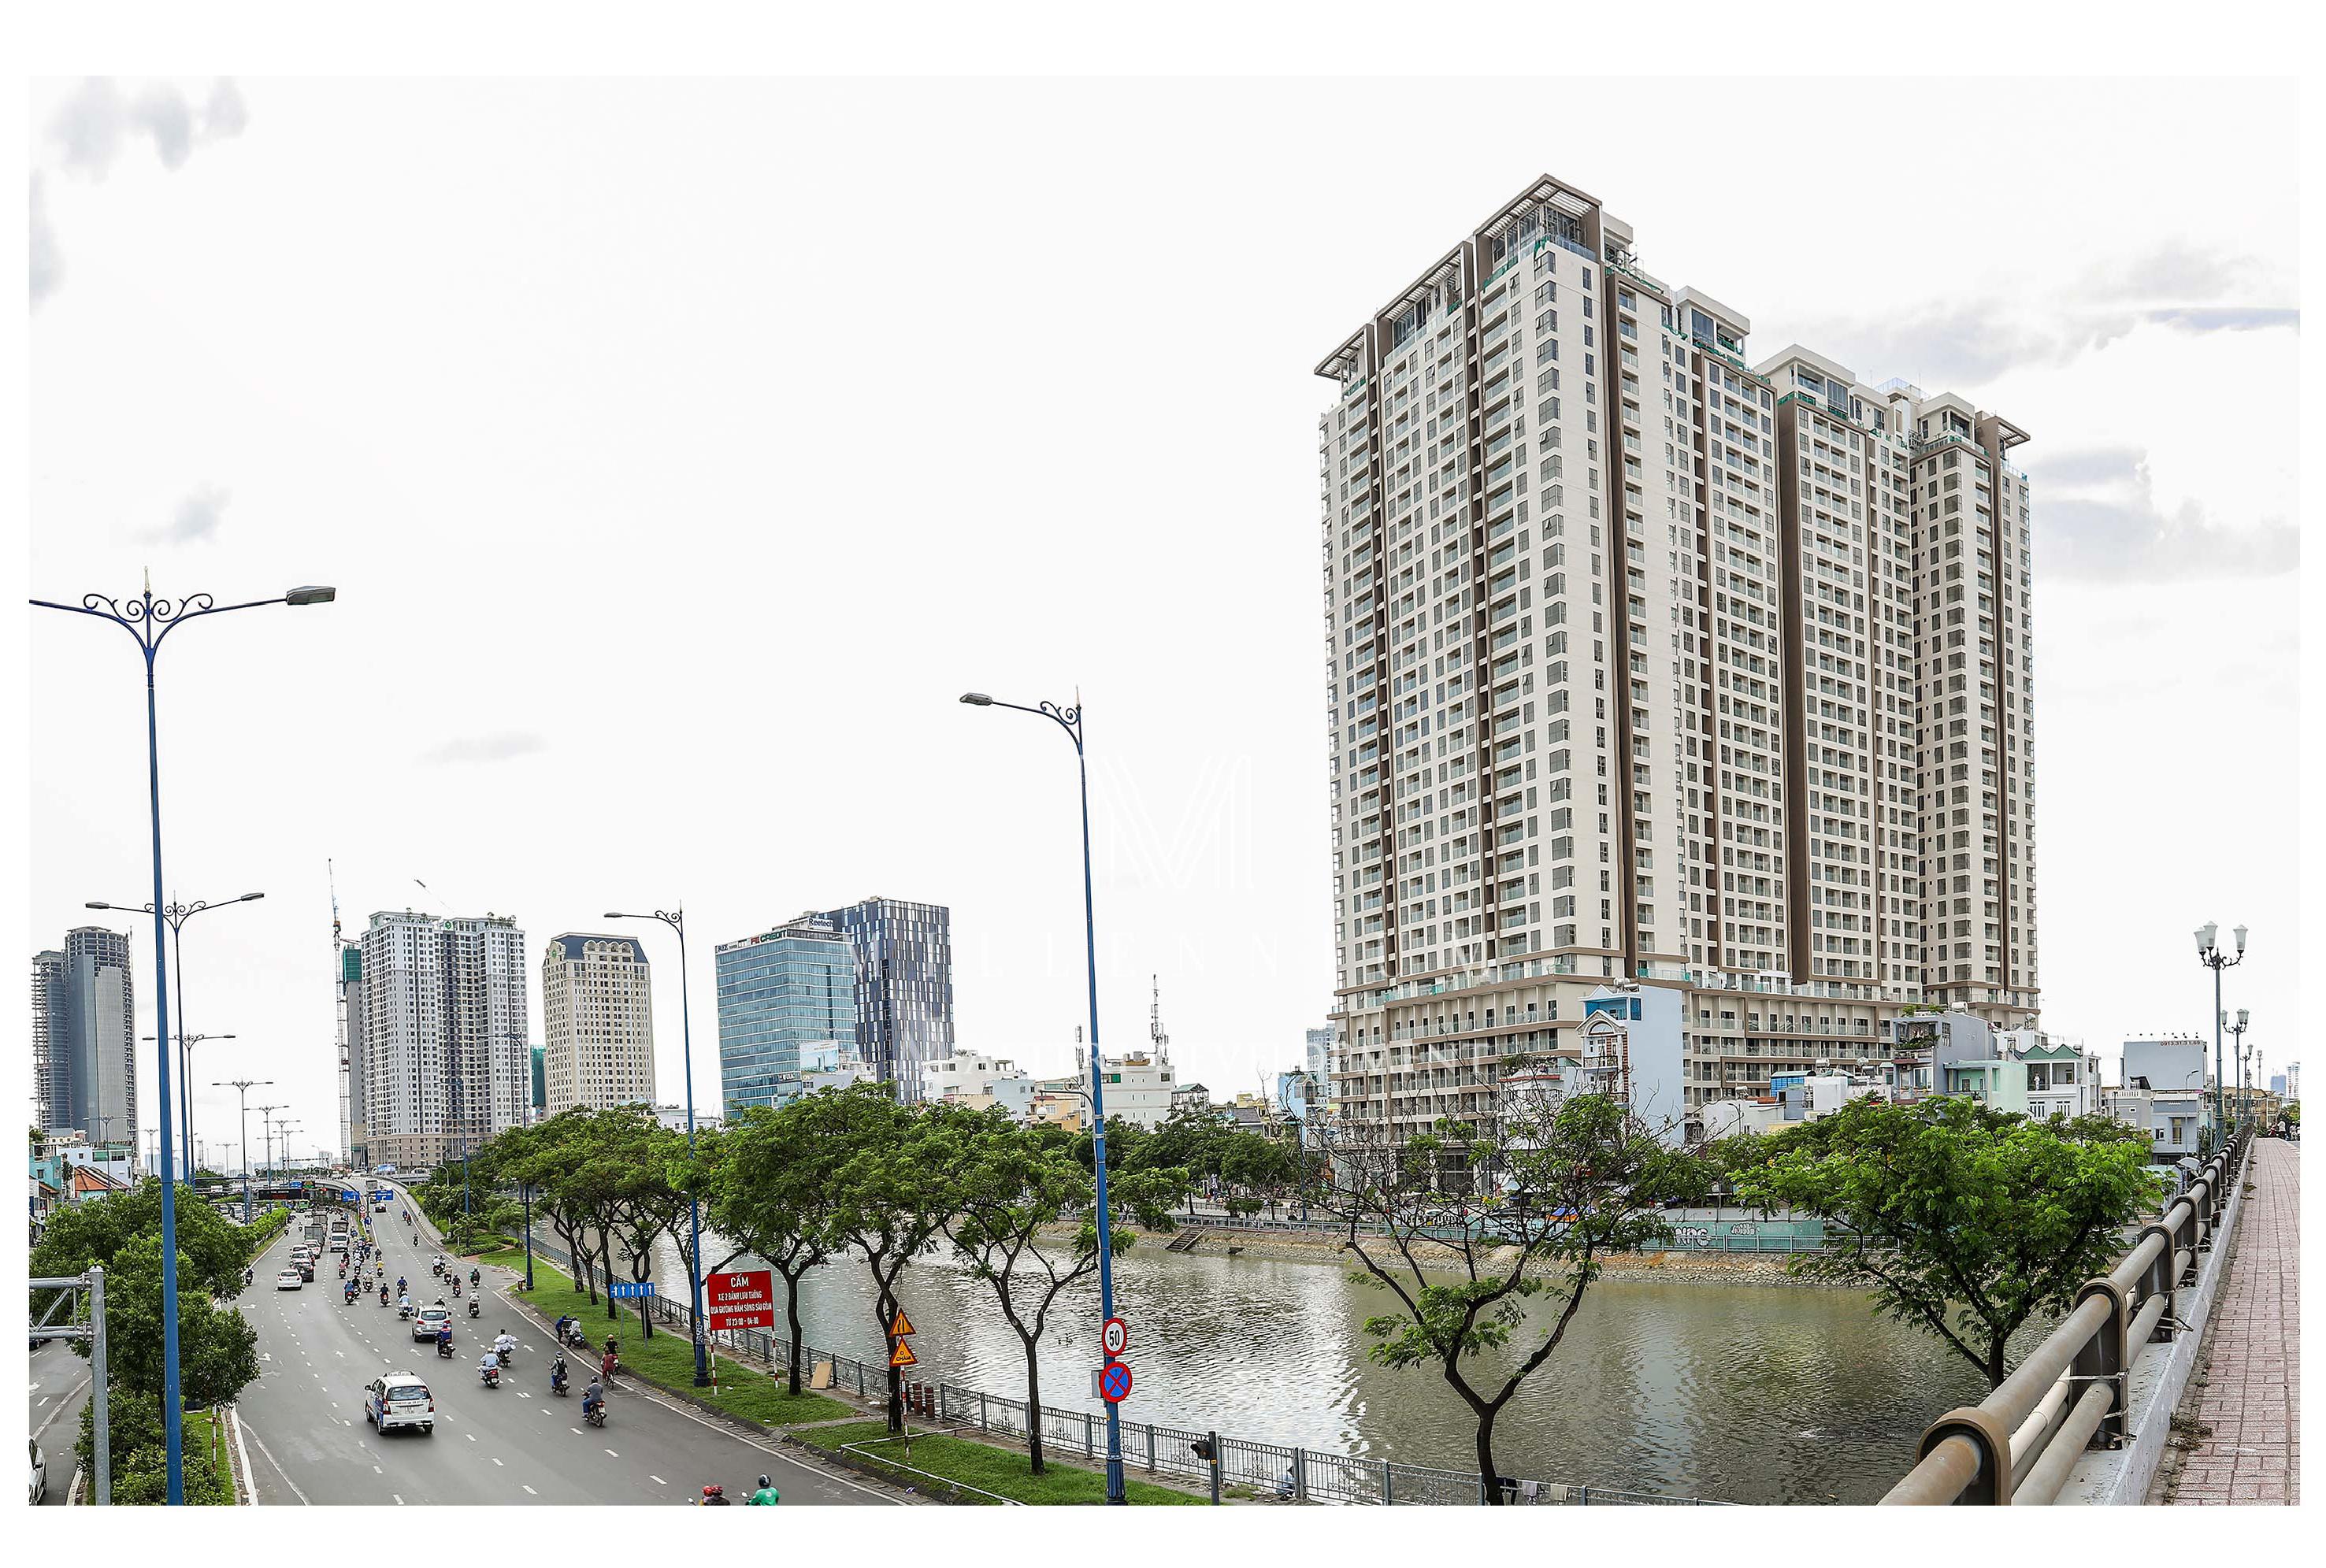 Toàn cảnh dự án căn hộ chung cư cho thuê Masteri Millennium Quận 4 -Liên hệ SGD BĐS Lộc Phát Hưng - Hotline 0942.098.890 - 0973.098.890 hỗ trợ xem thực tế các căn hộ